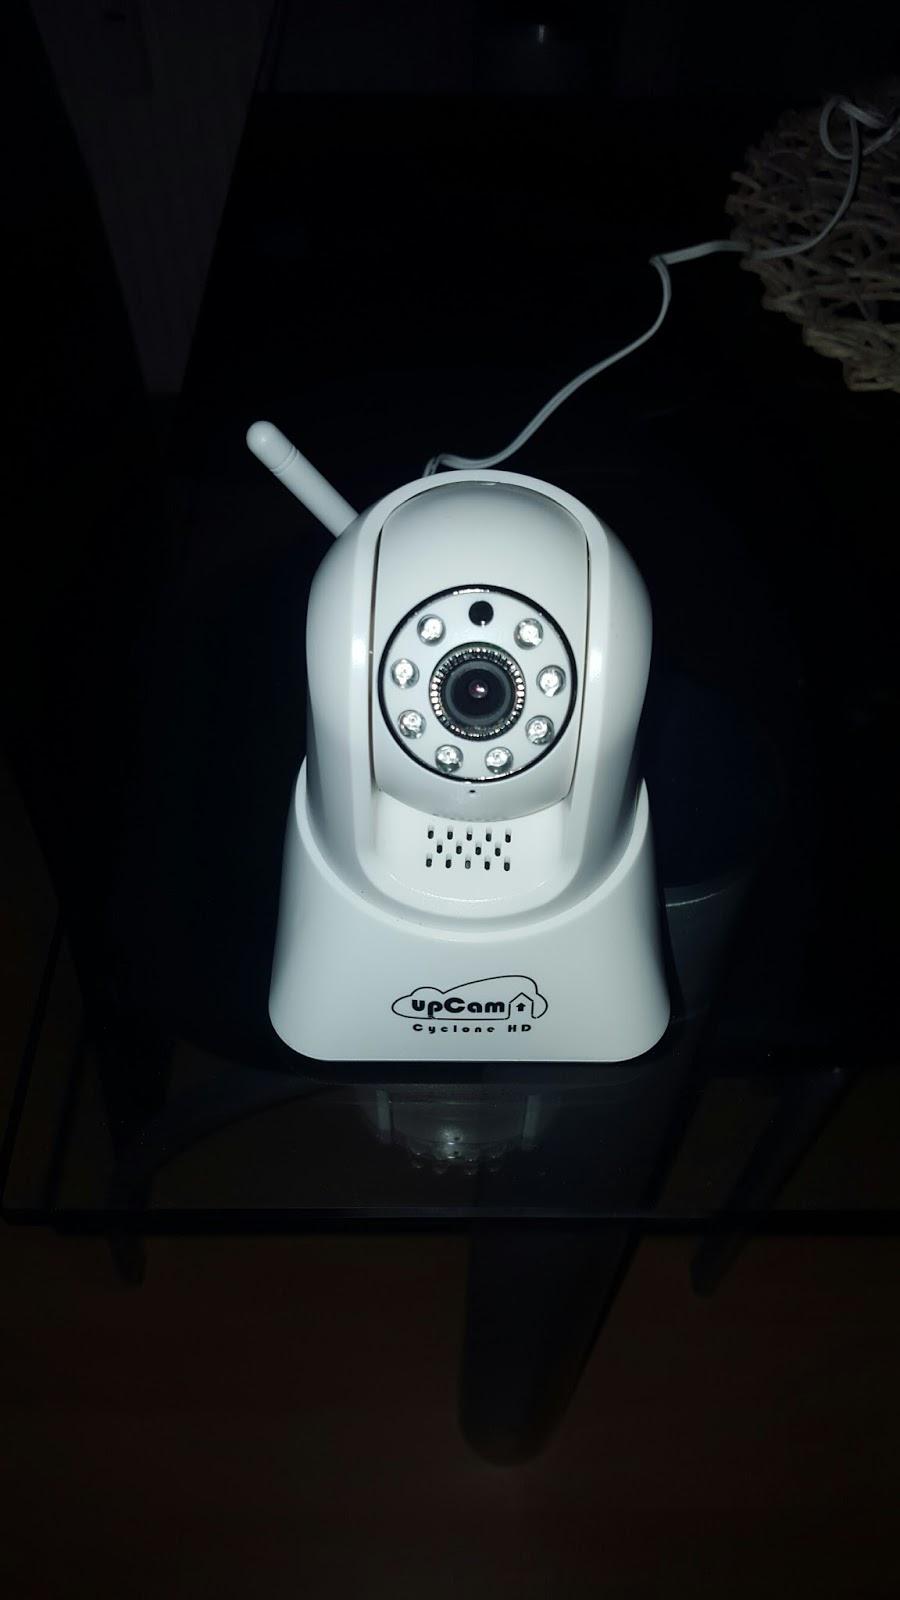 produkttest upcam ip kamera lisa s produkttest welt. Black Bedroom Furniture Sets. Home Design Ideas